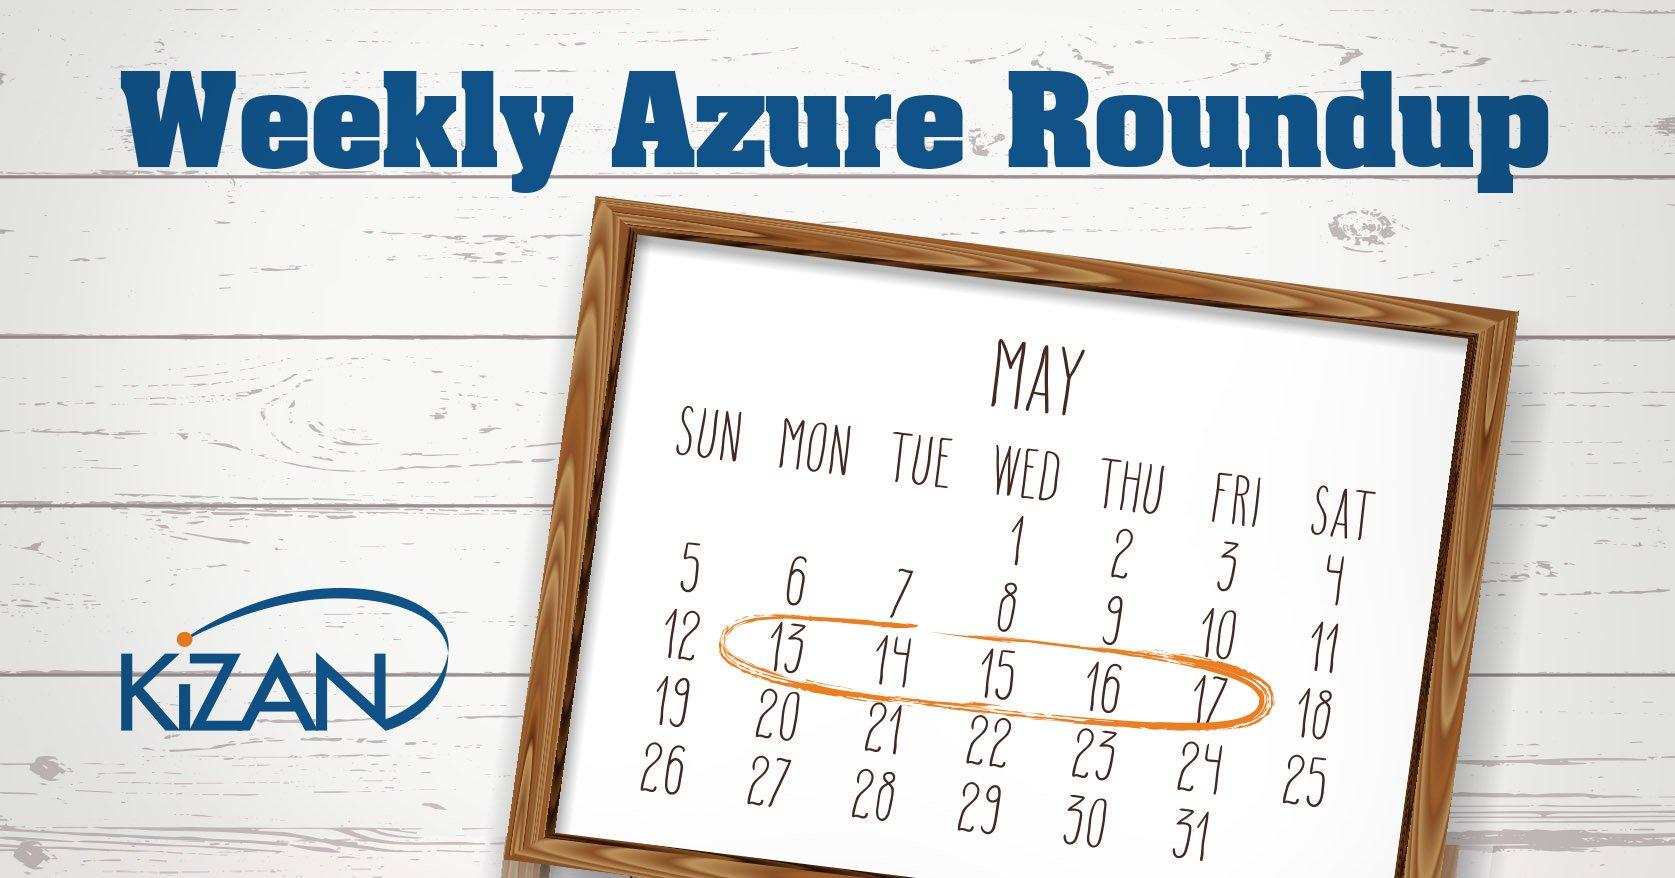 Weekly Azure Roundup